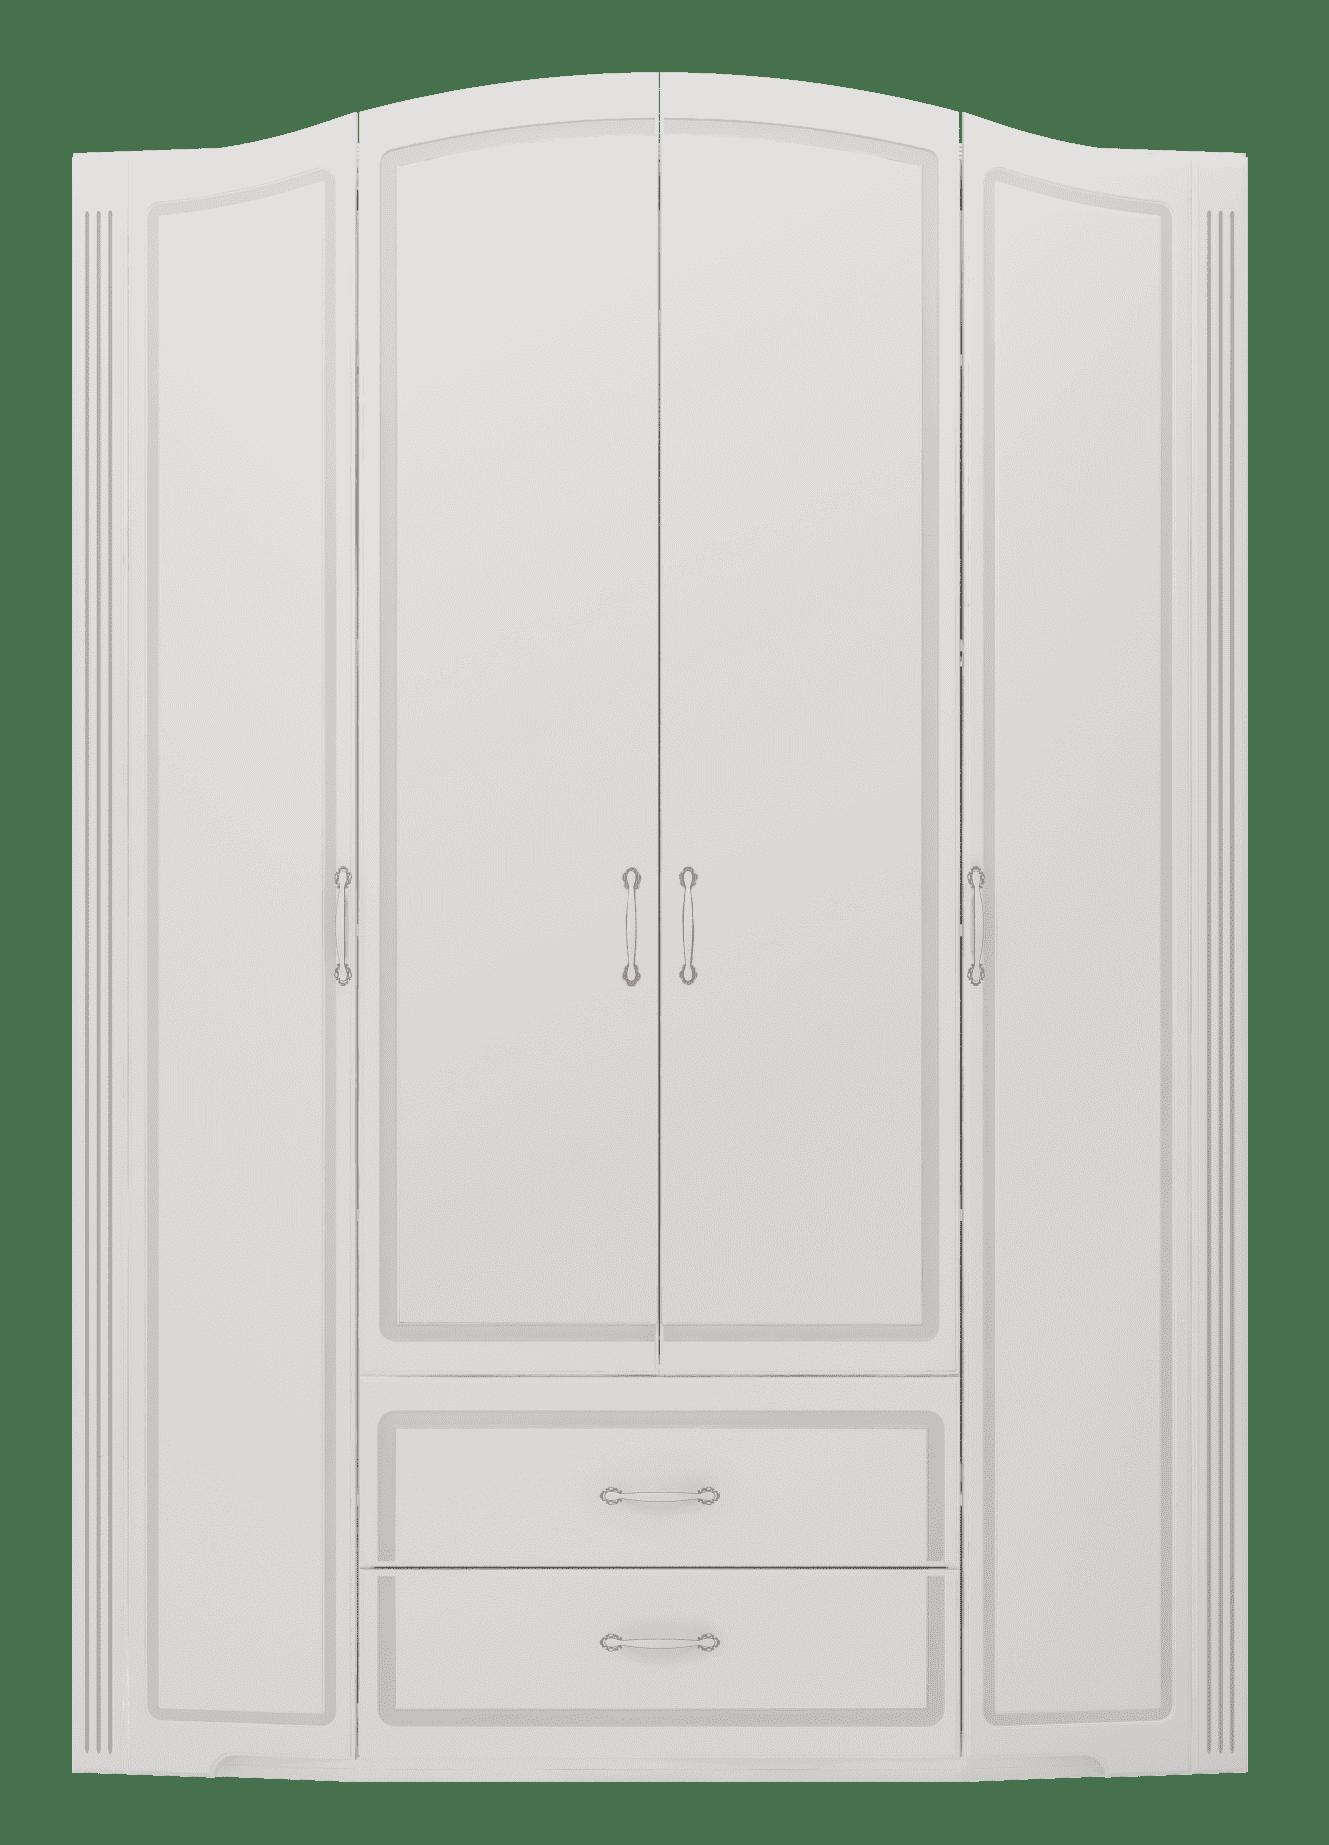 Шкаф для одежды 4-х дверный с ящиками (без зеркал) Виктория 02